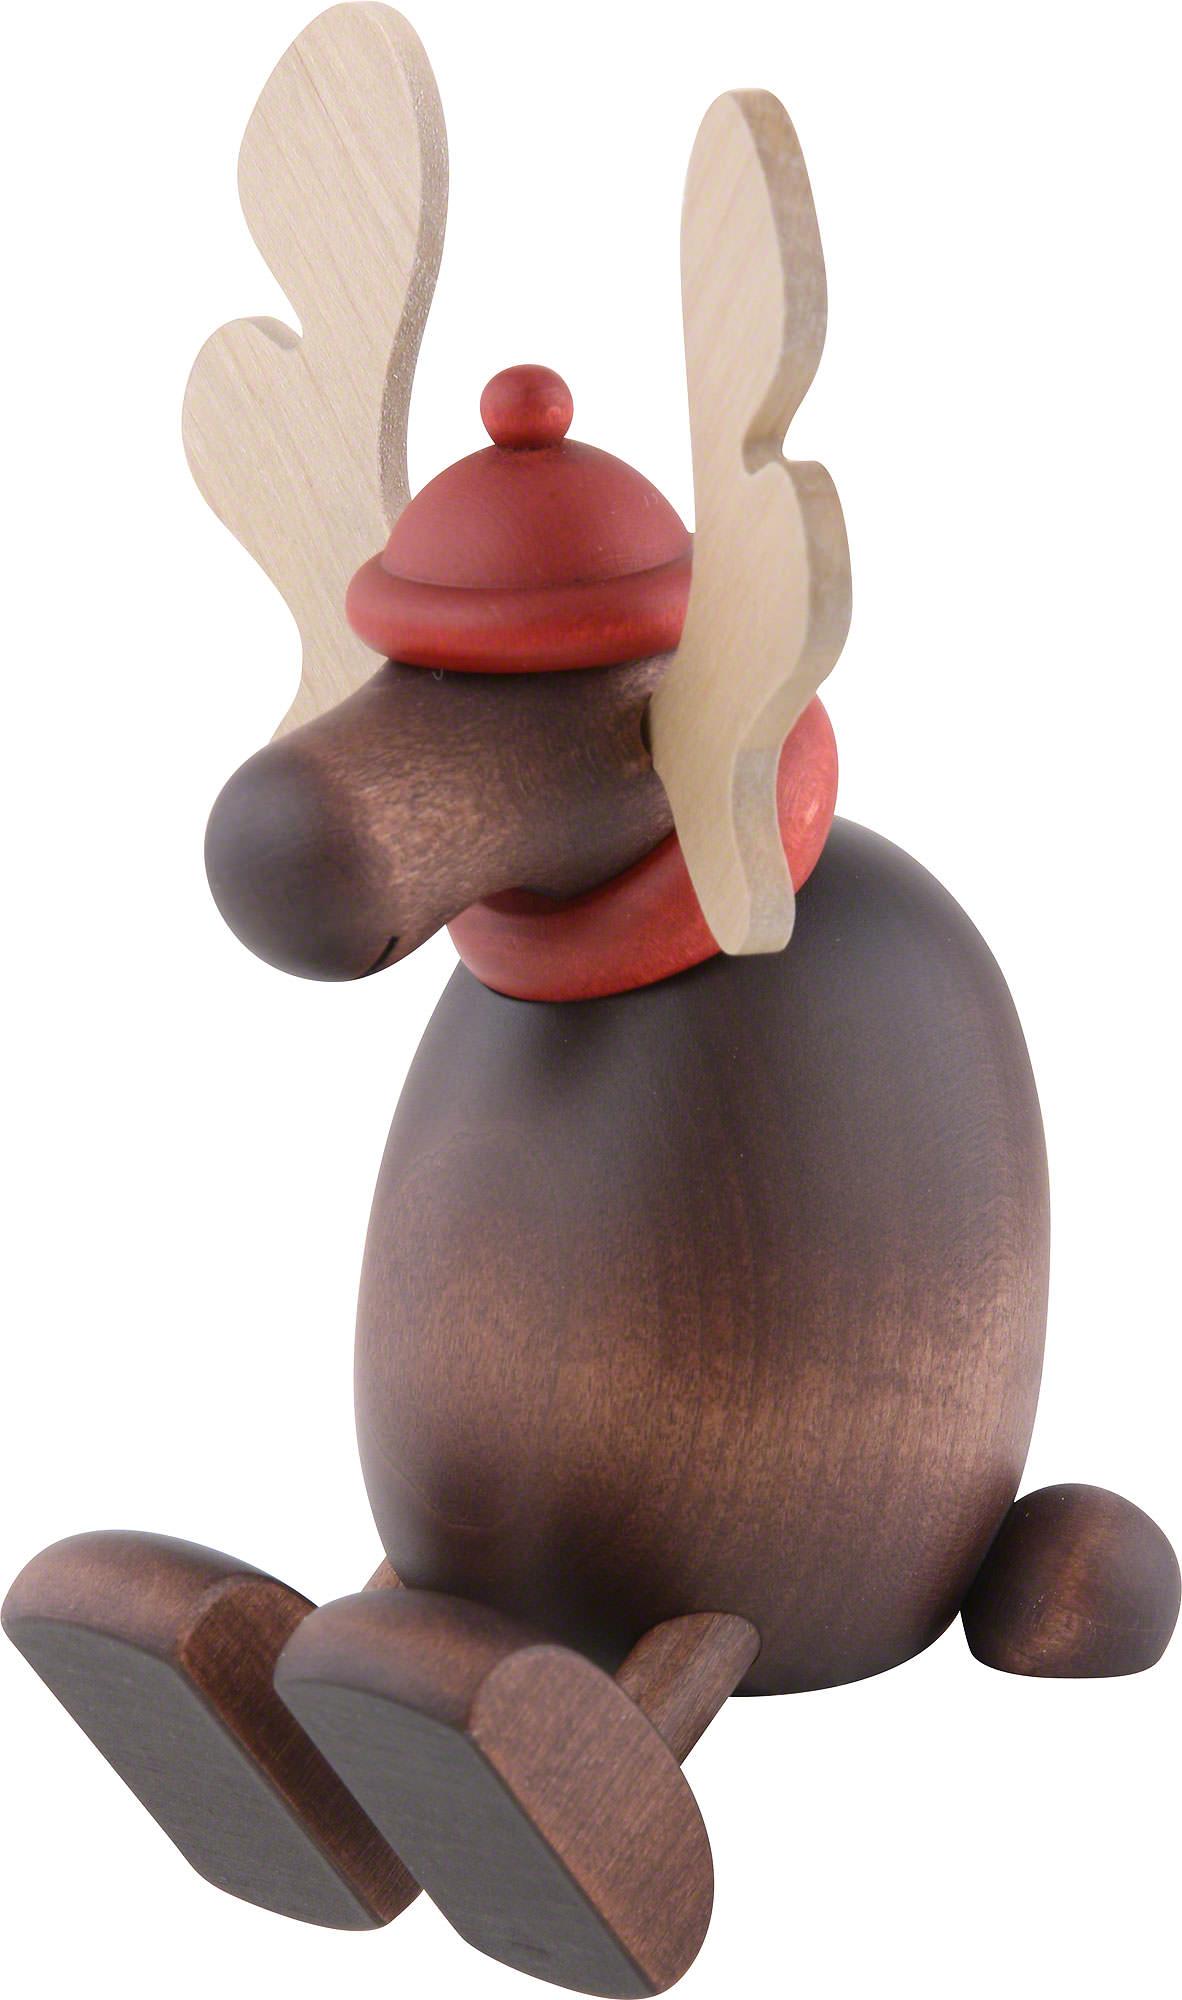 Moose Olaf sitting on a shelf (15cm/5.9in)ch by Björn Köhler.